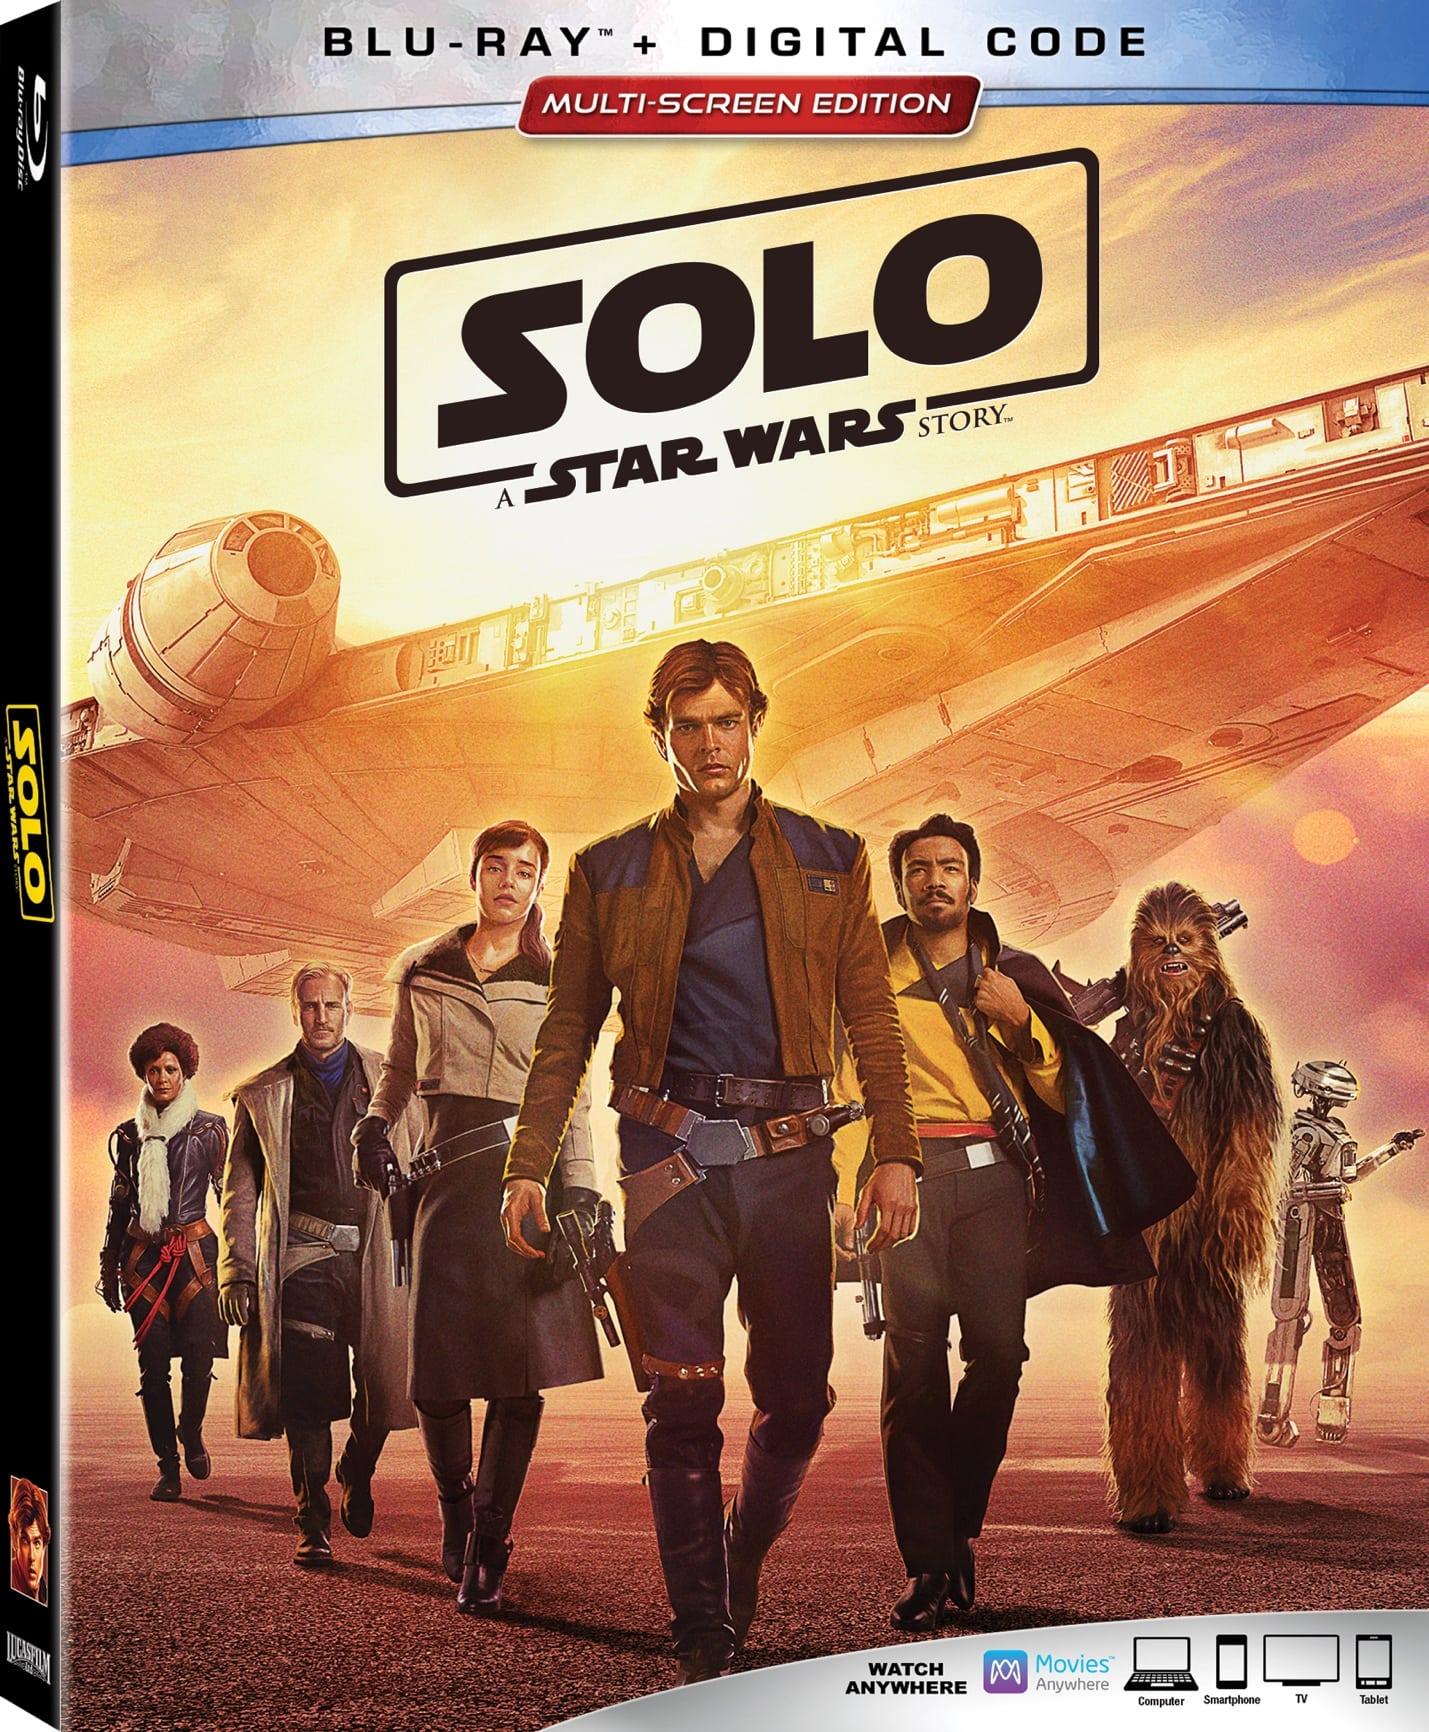 Solo: A Star Wars Story Detalles de Blu-ray, características especiales y escenas eliminadas reveladas